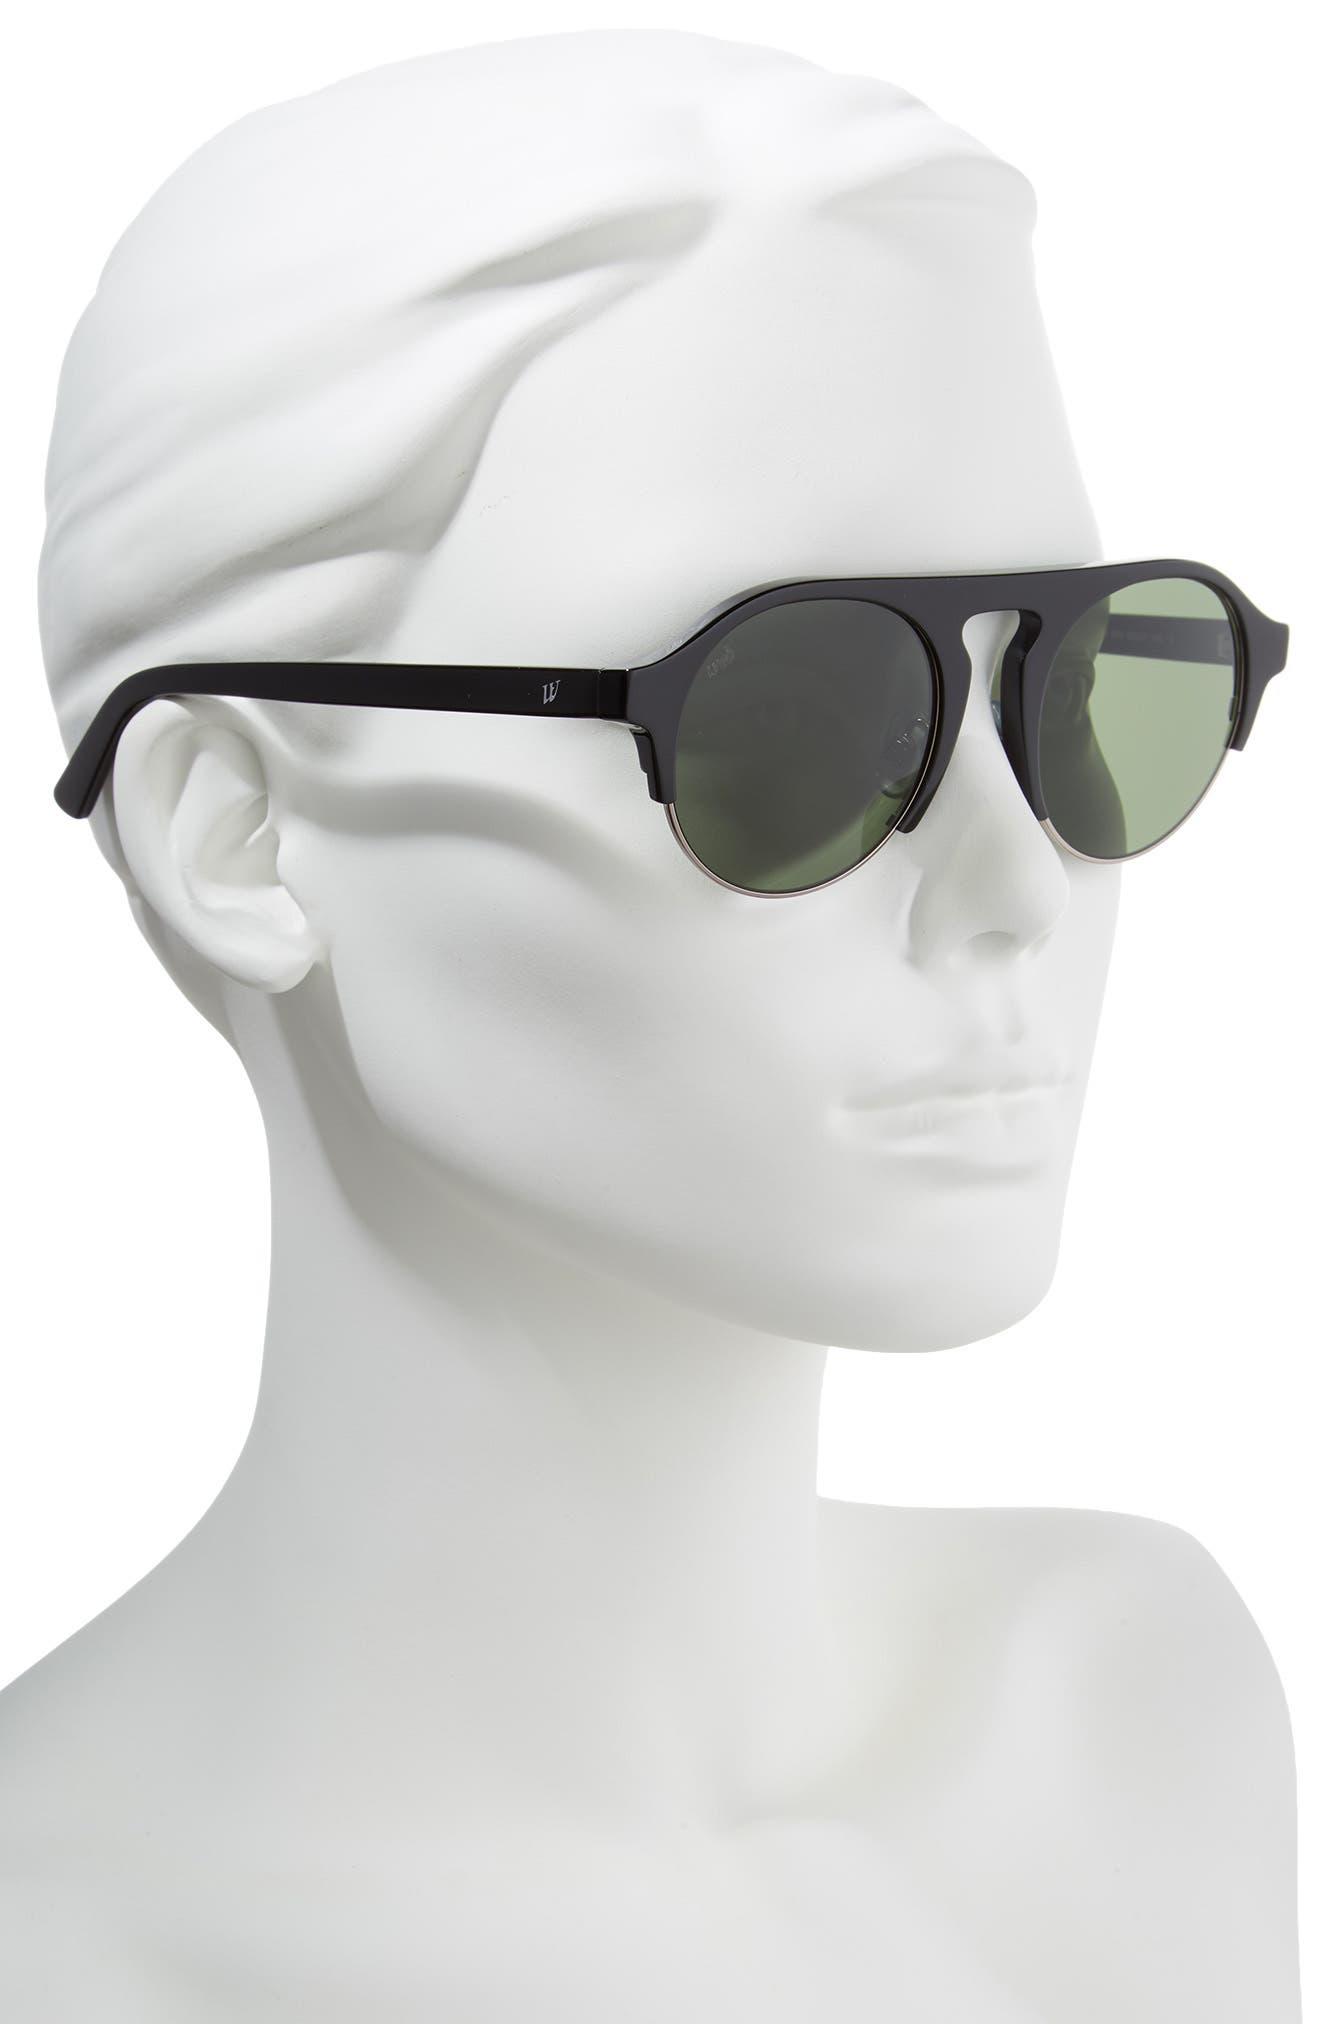 52mm Sunglasses,                             Alternate thumbnail 2, color,                             SHINY BLACK/ GREEN